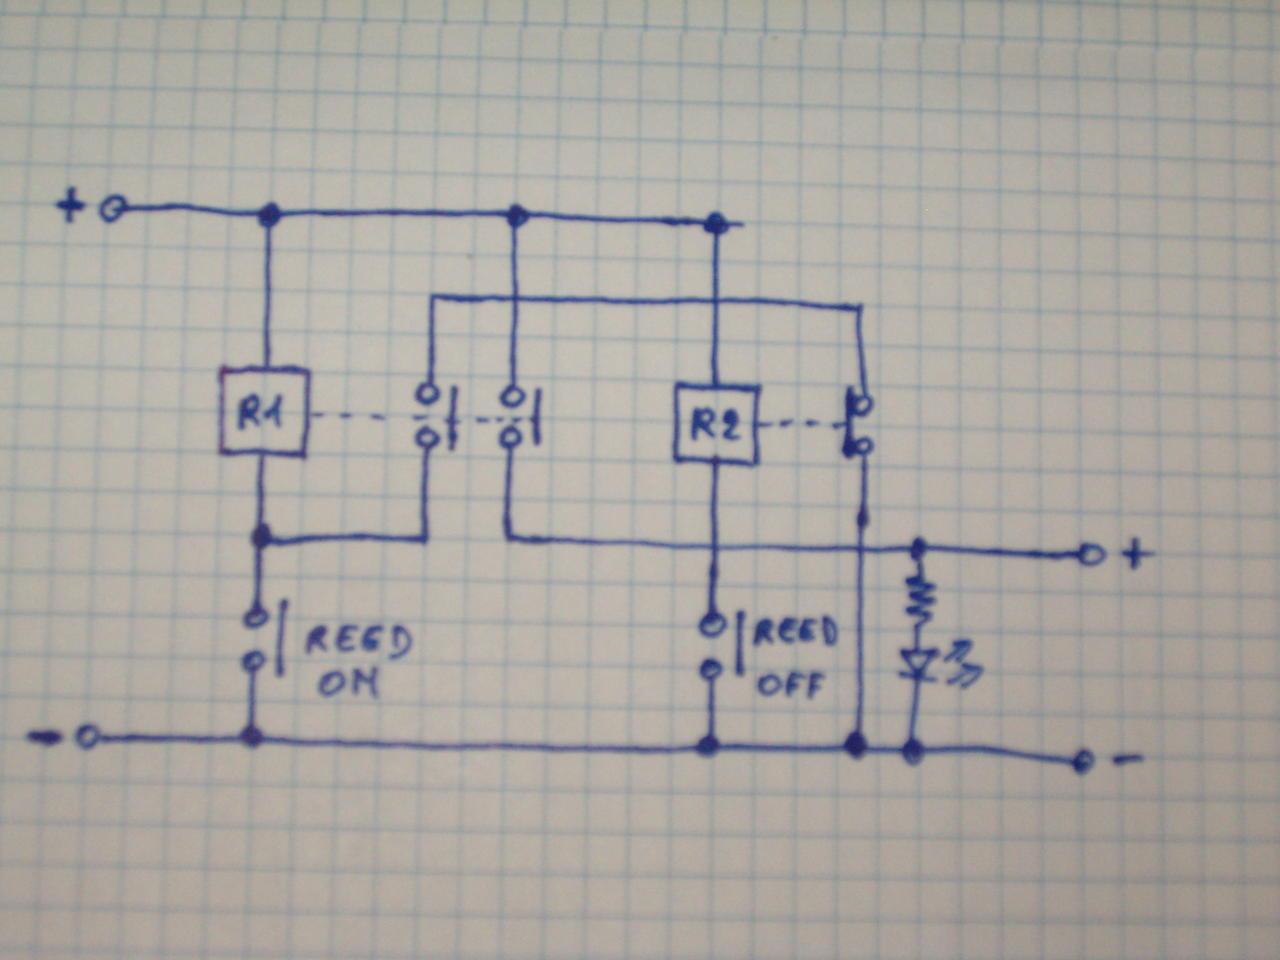 Schema Elettrico Per Motore Tapparelle : Schema elettrico per tapparelle come si collega